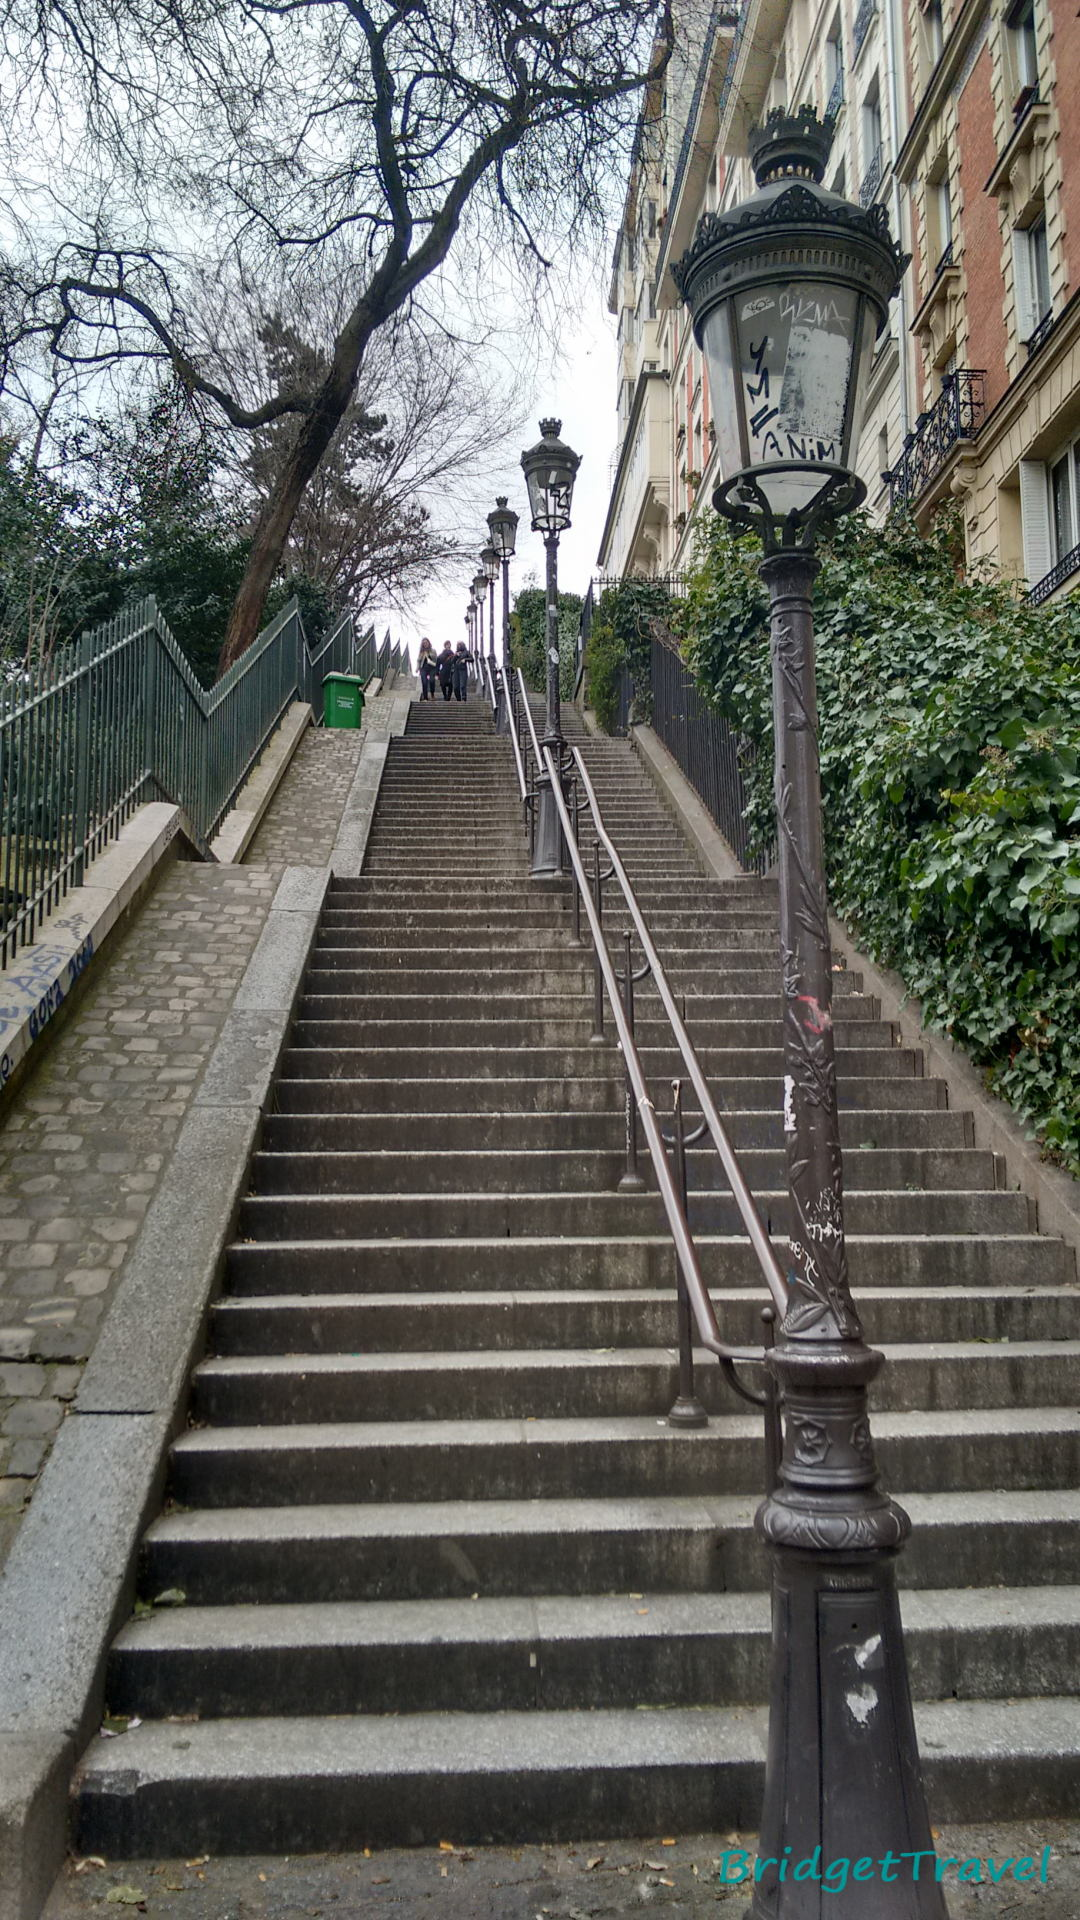 Widok na Paryż ze wzgórza z Katedry Najświętszego Serca Pana Jezusa, Francja